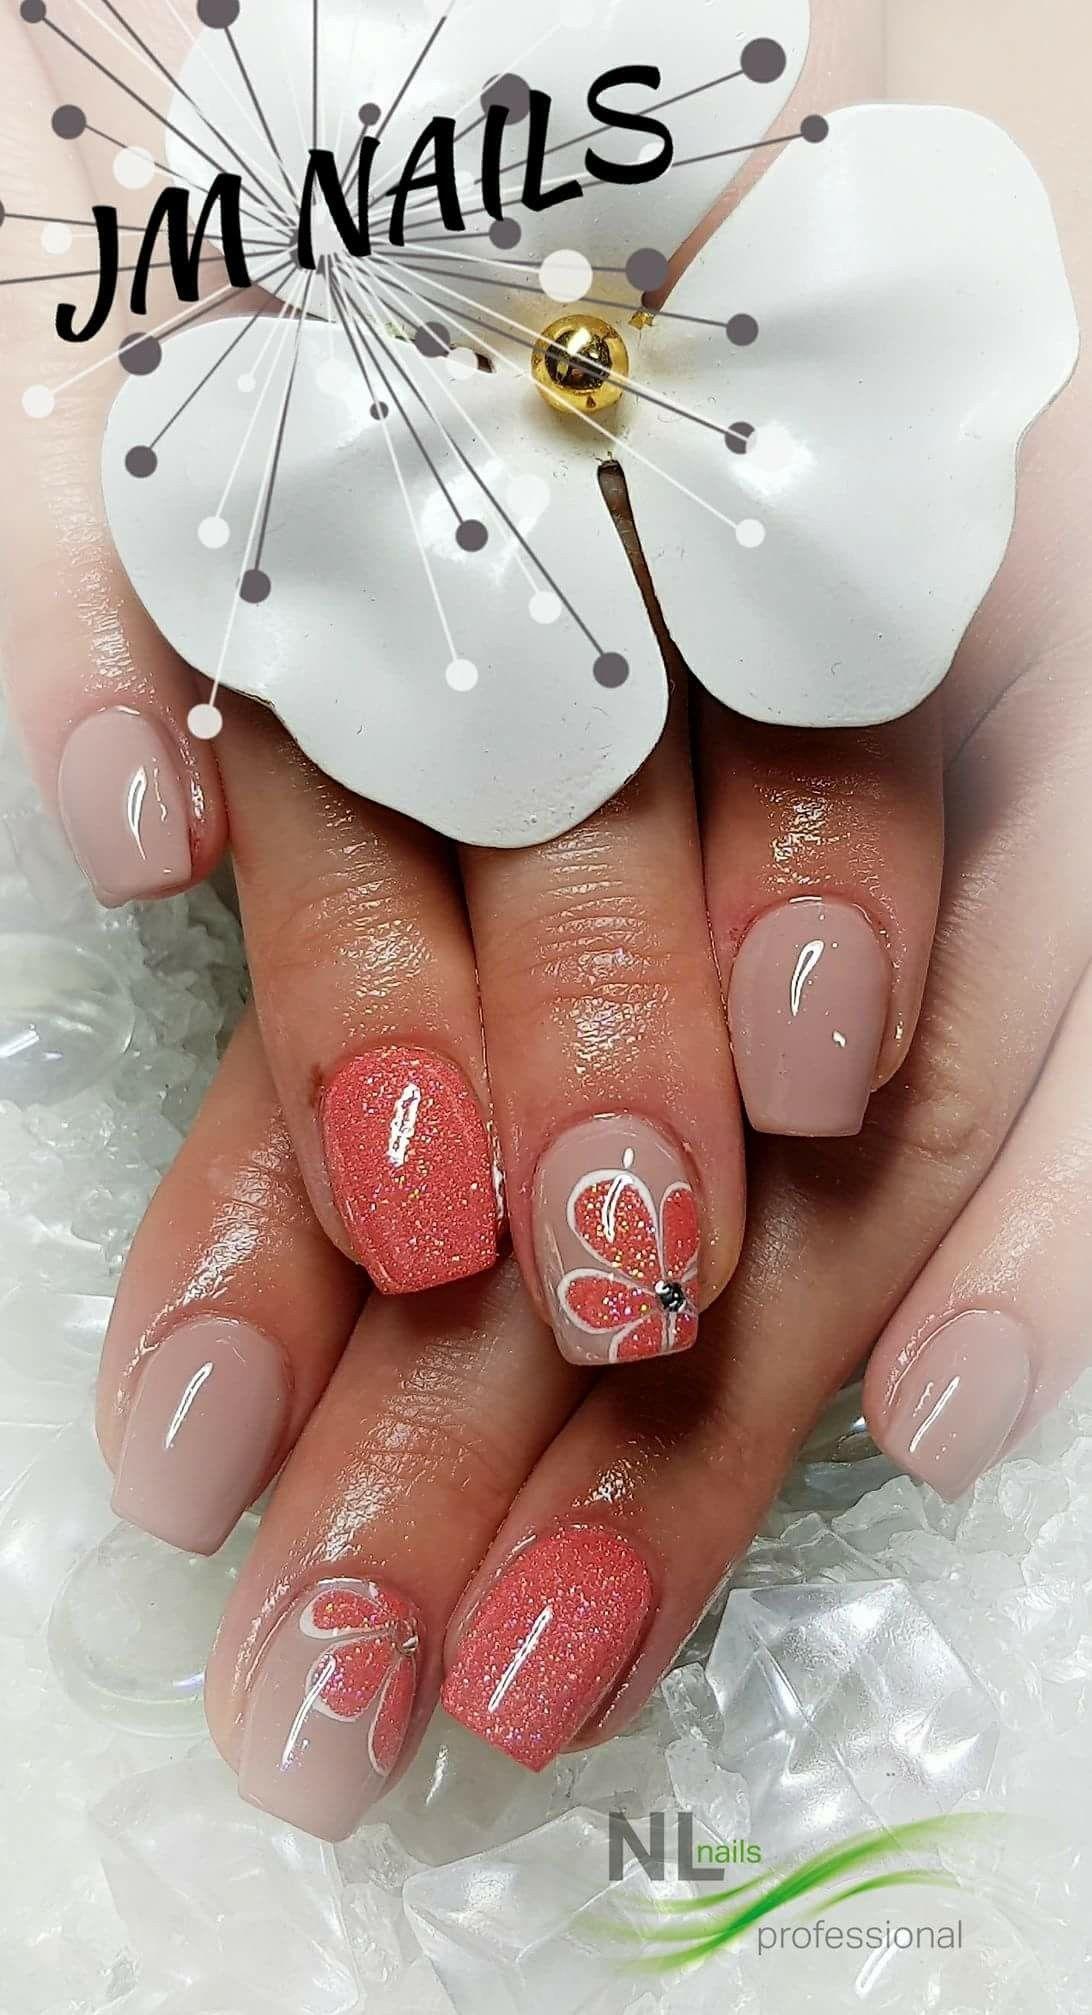 19b2739a55e2 Pin od používateľa Klaudia Kontrova na nástenke Nails design